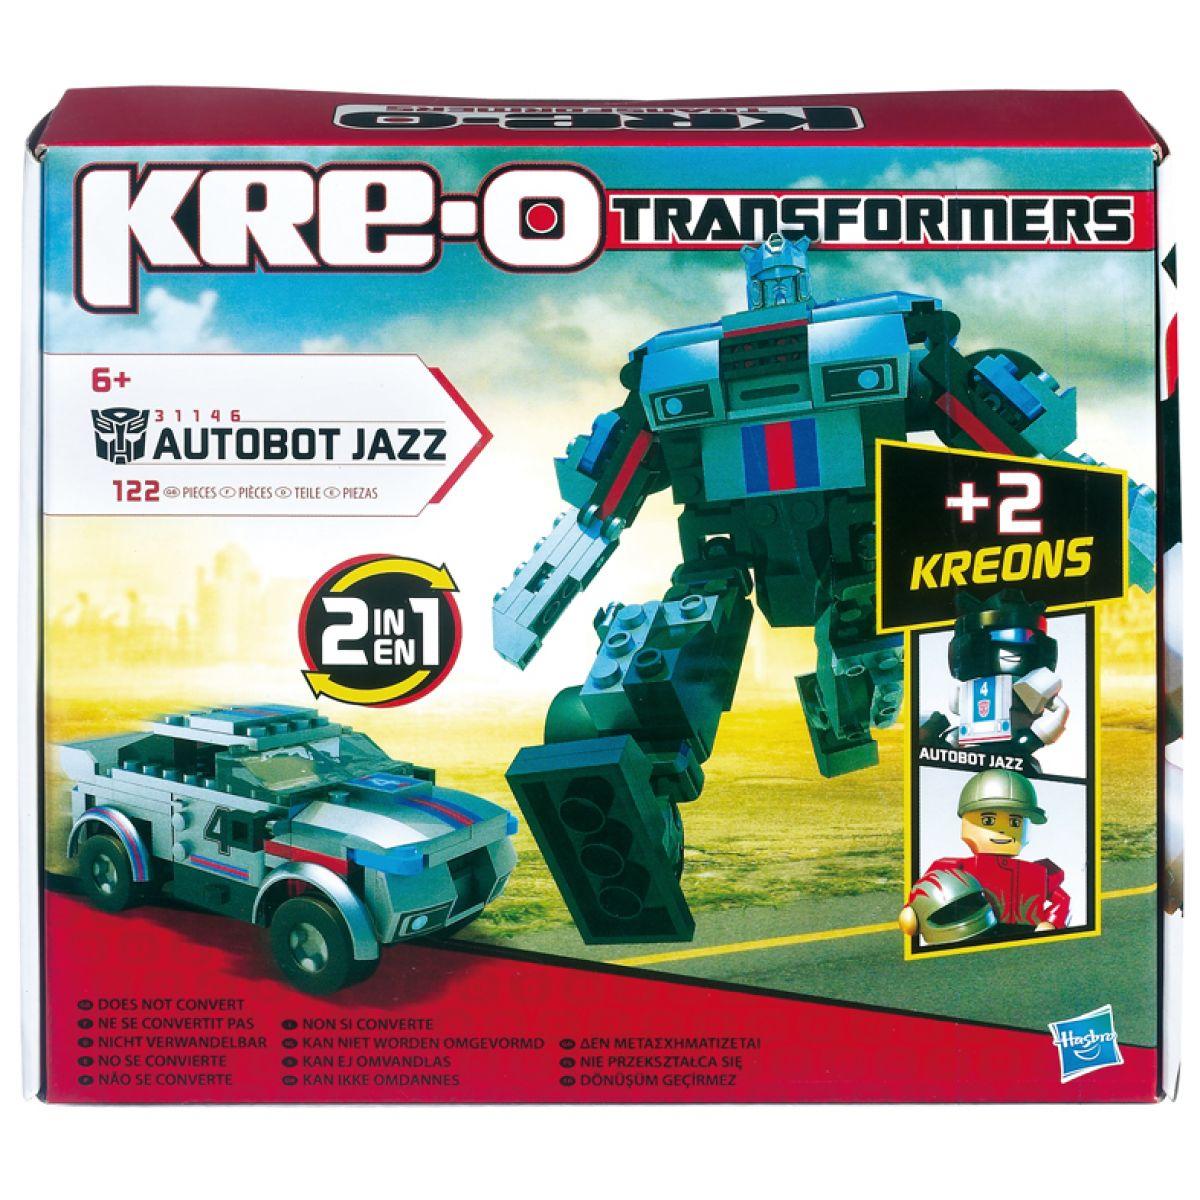 KRE-O Transformers stavebnice Autobot Jazz Hasbro 31146